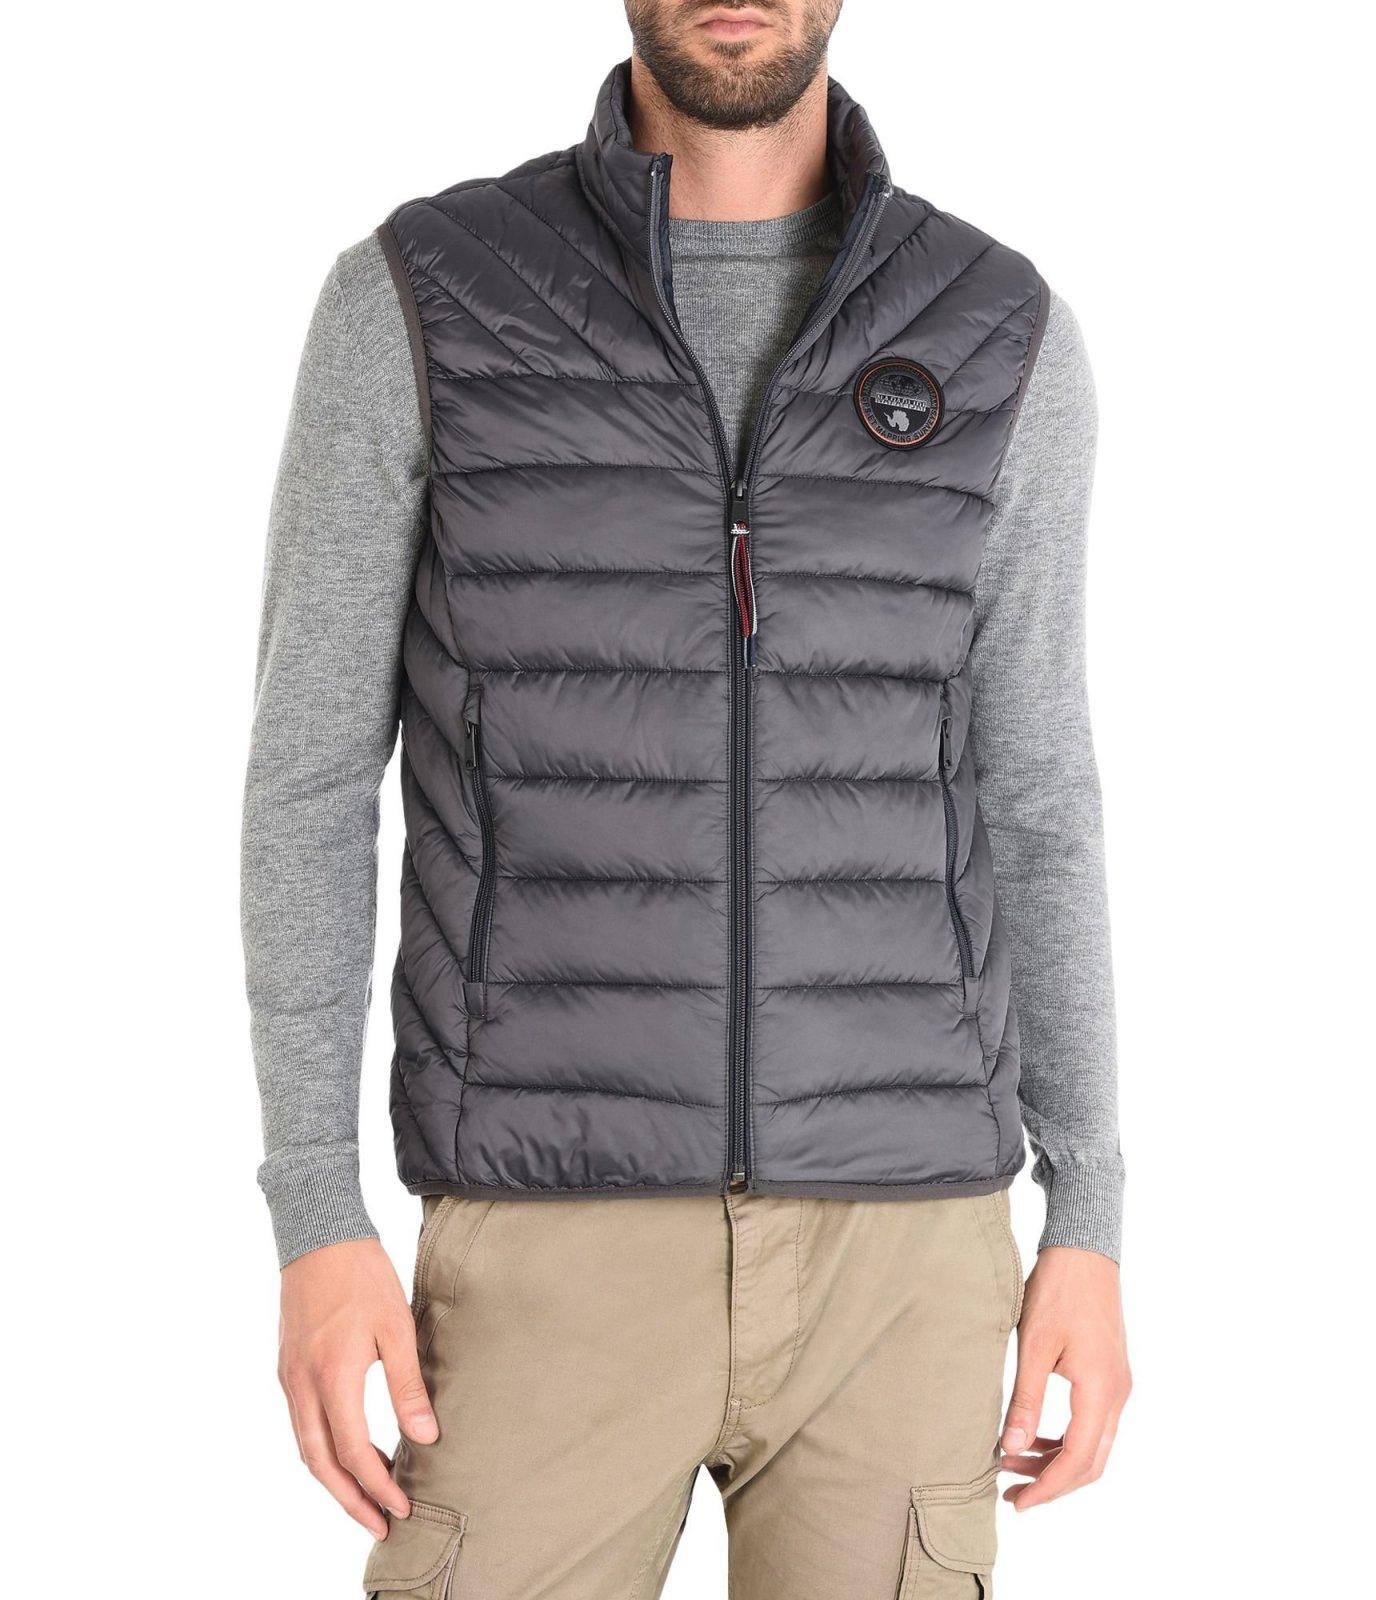 napapijri doudoune sans manche aerons gris aerons vest doudoune pour homme. Black Bedroom Furniture Sets. Home Design Ideas